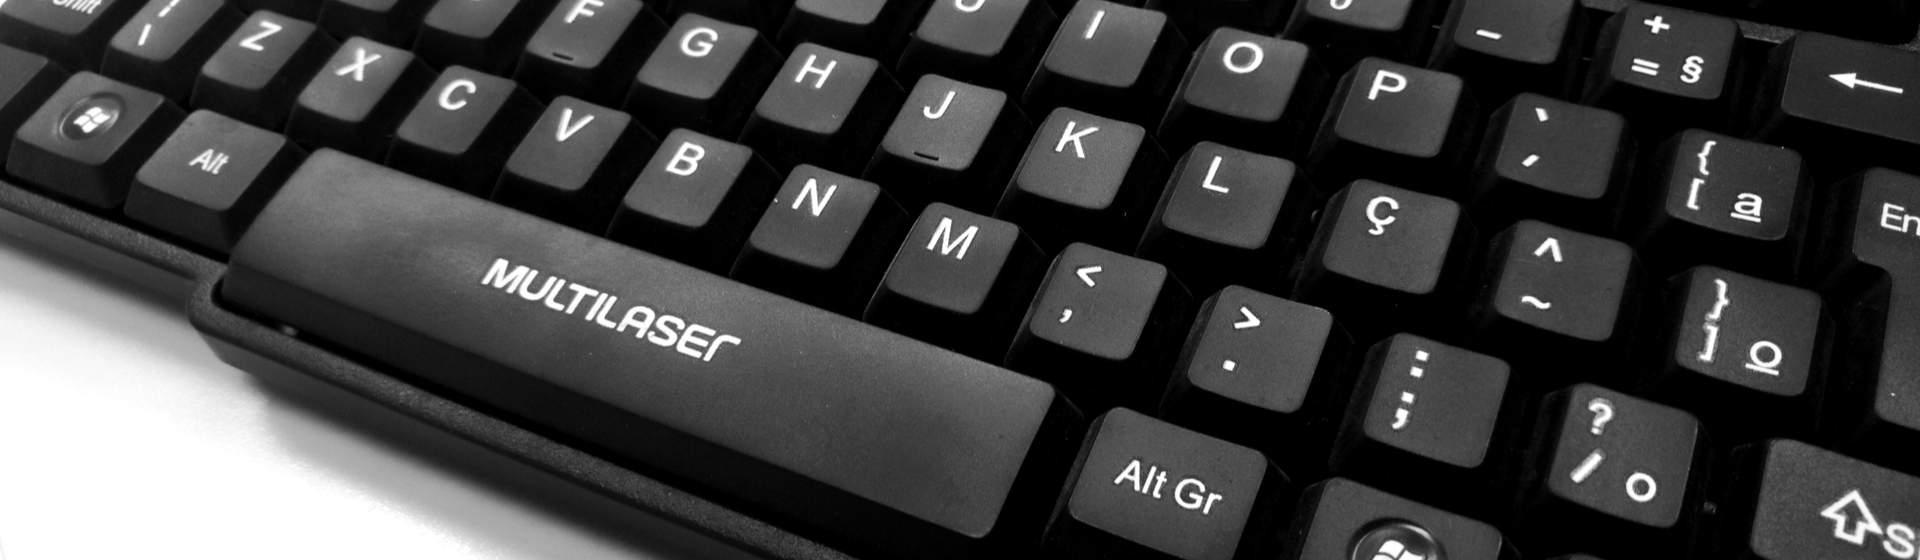 Notebook Multilaser é bom? Conheça prós e contras da marca